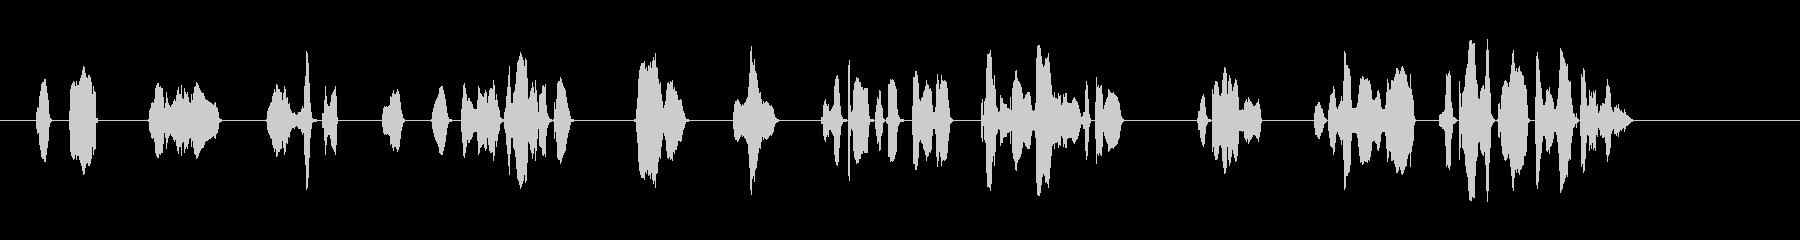 「密閉」、「密集」、「密接」の3つの密をの未再生の波形